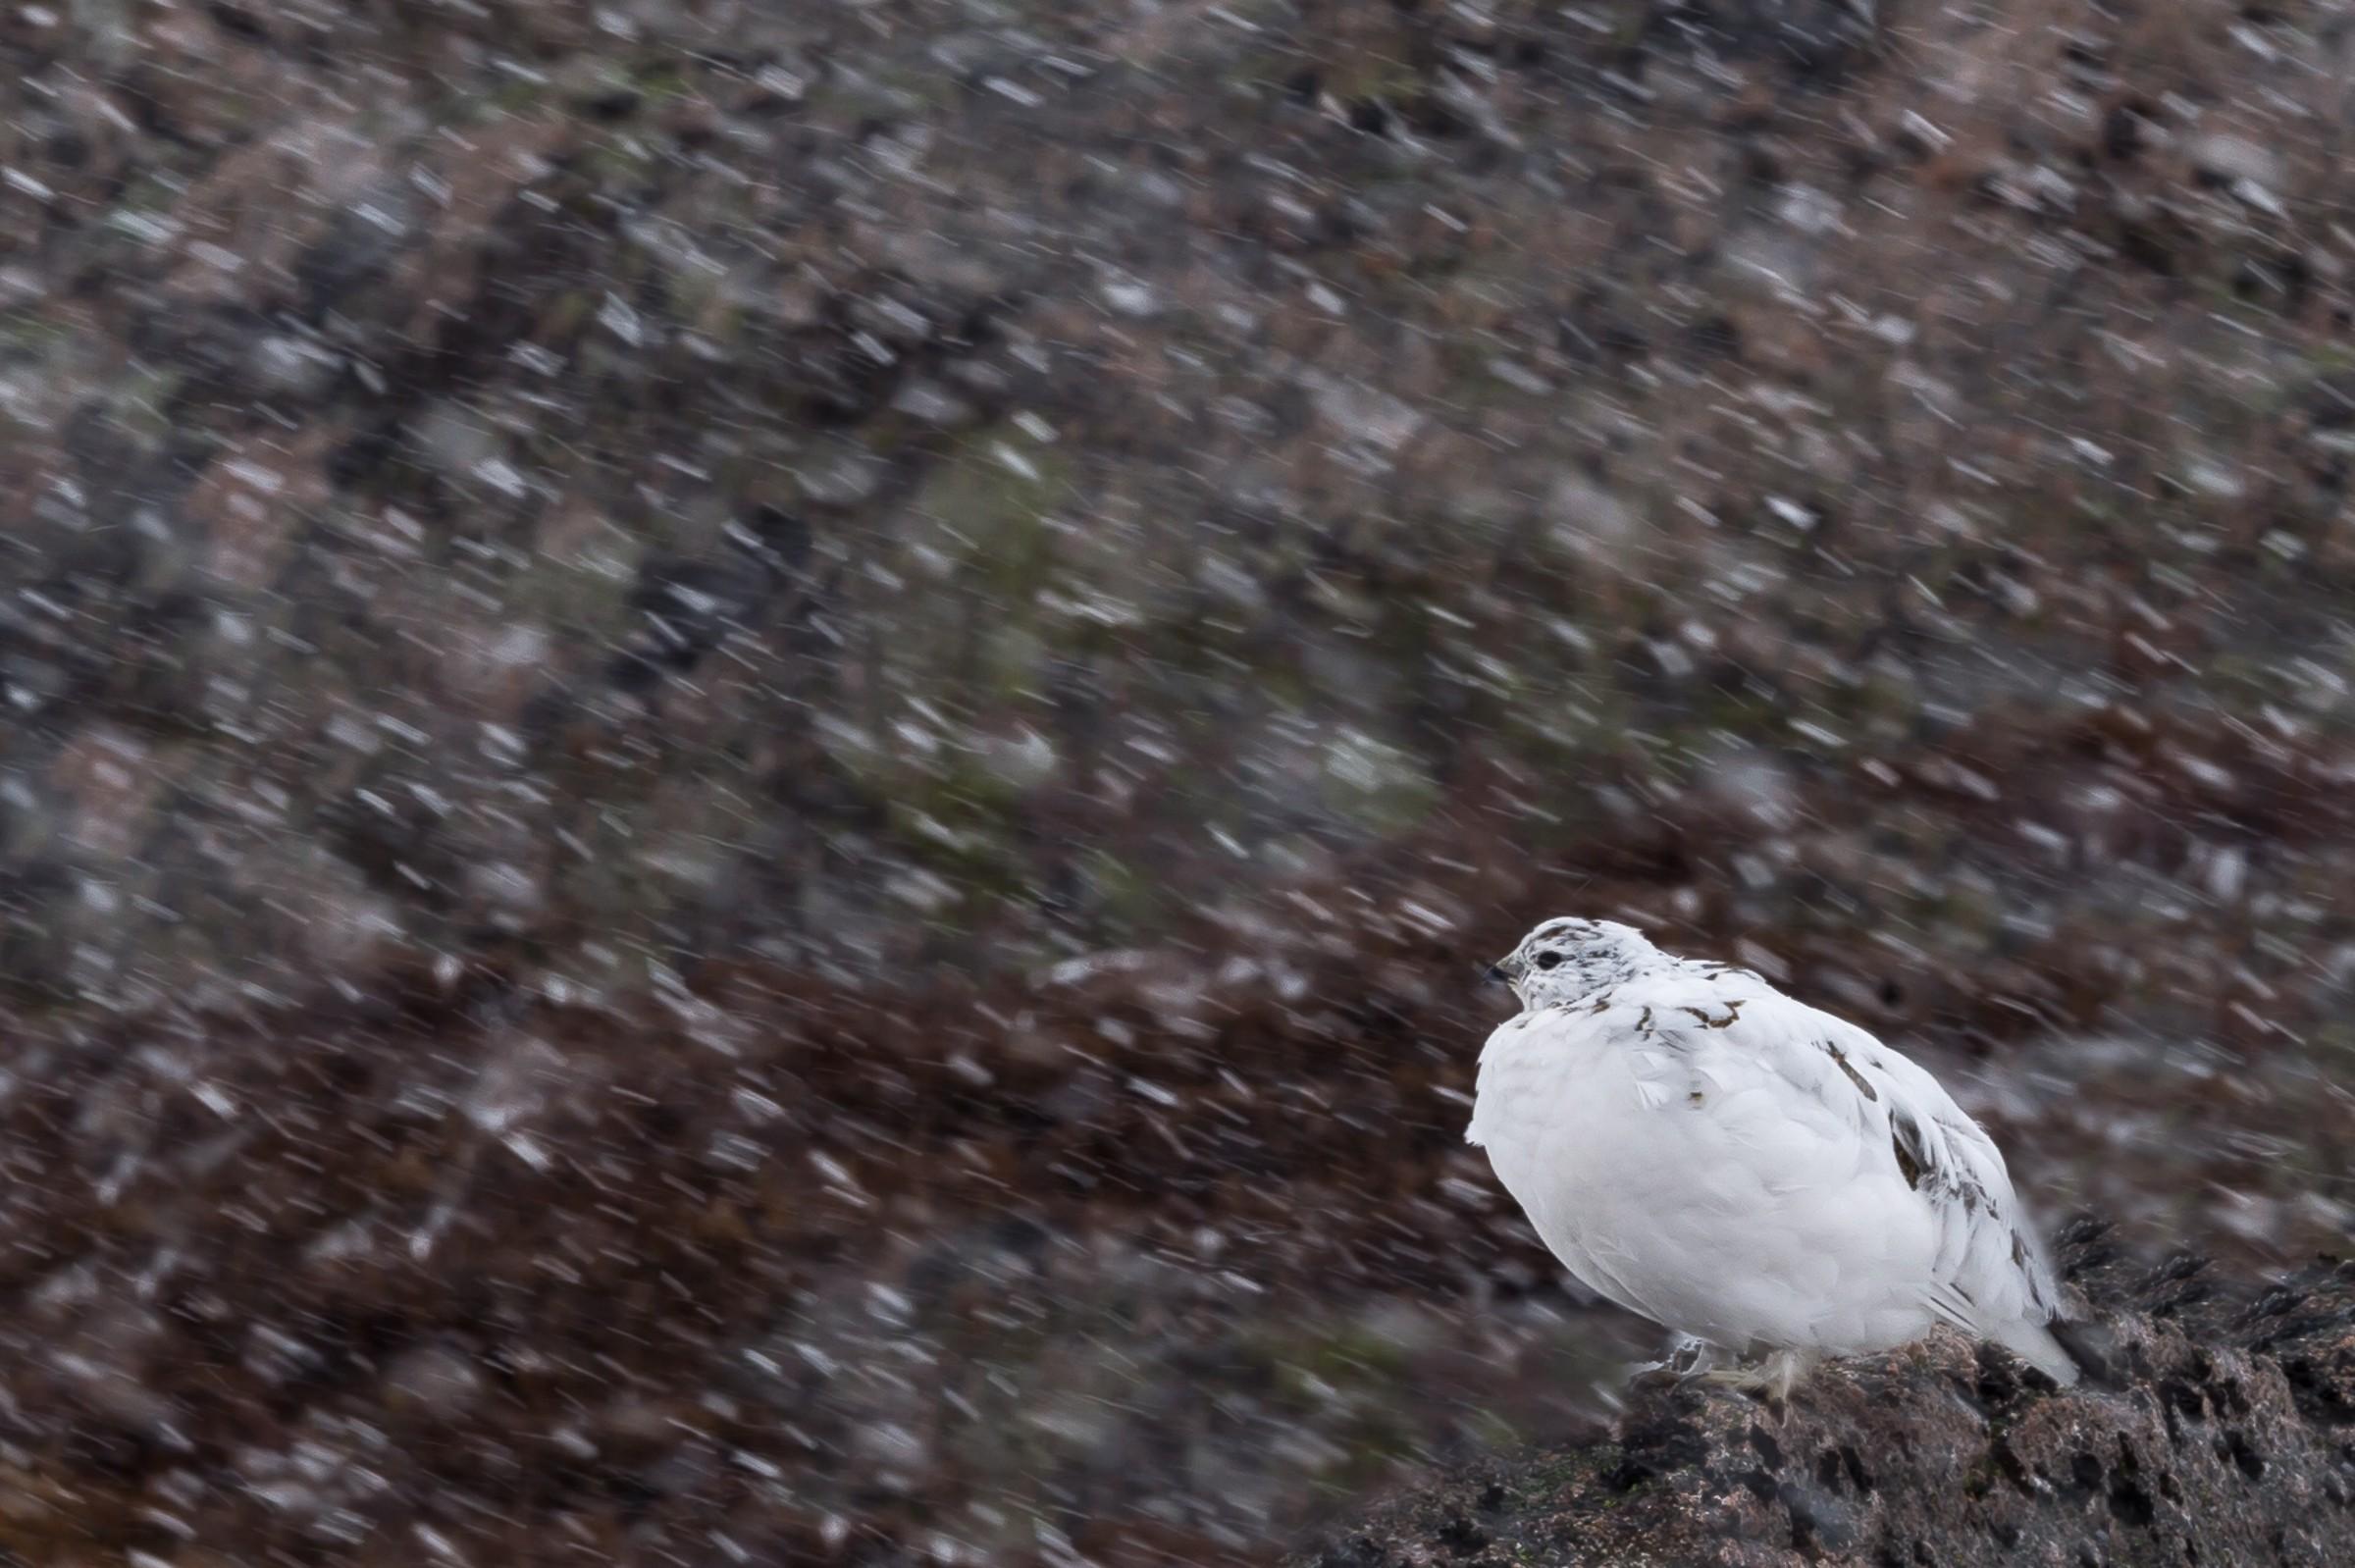 vogels veengebied 5854